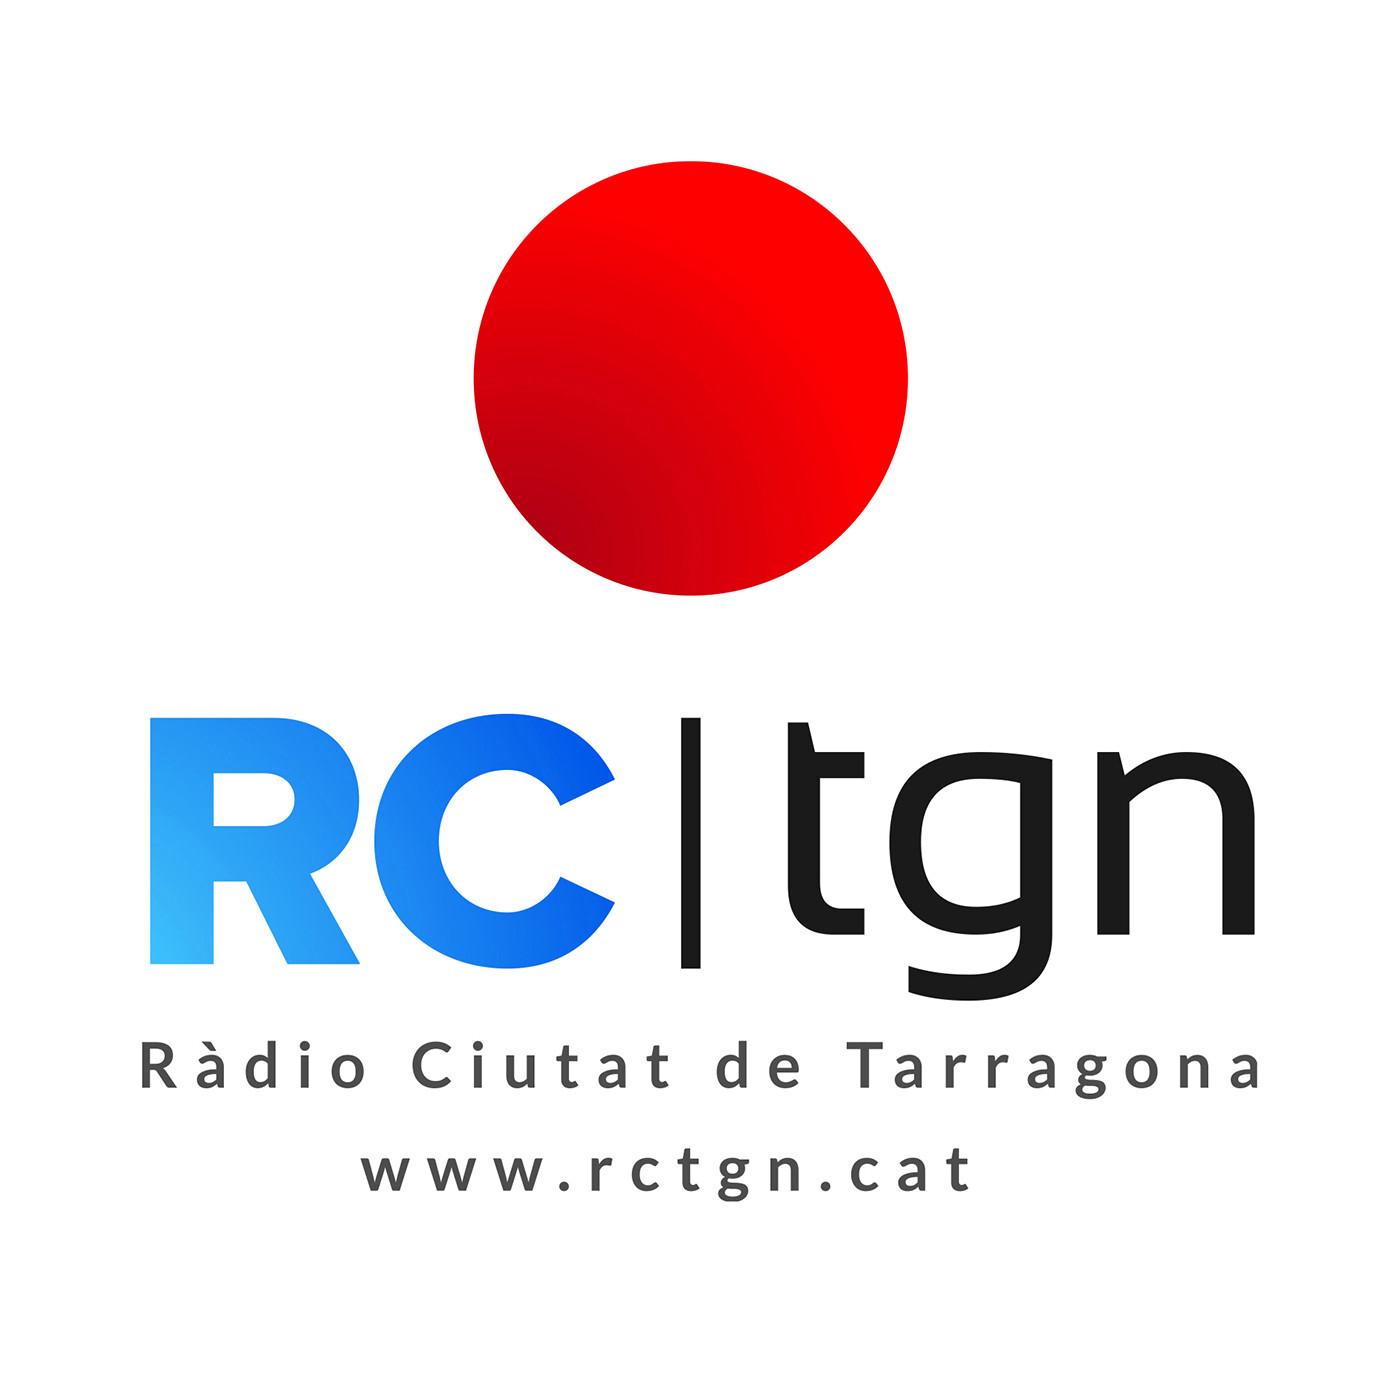 Ràdio Ciutat de Tarragona - RCTGN